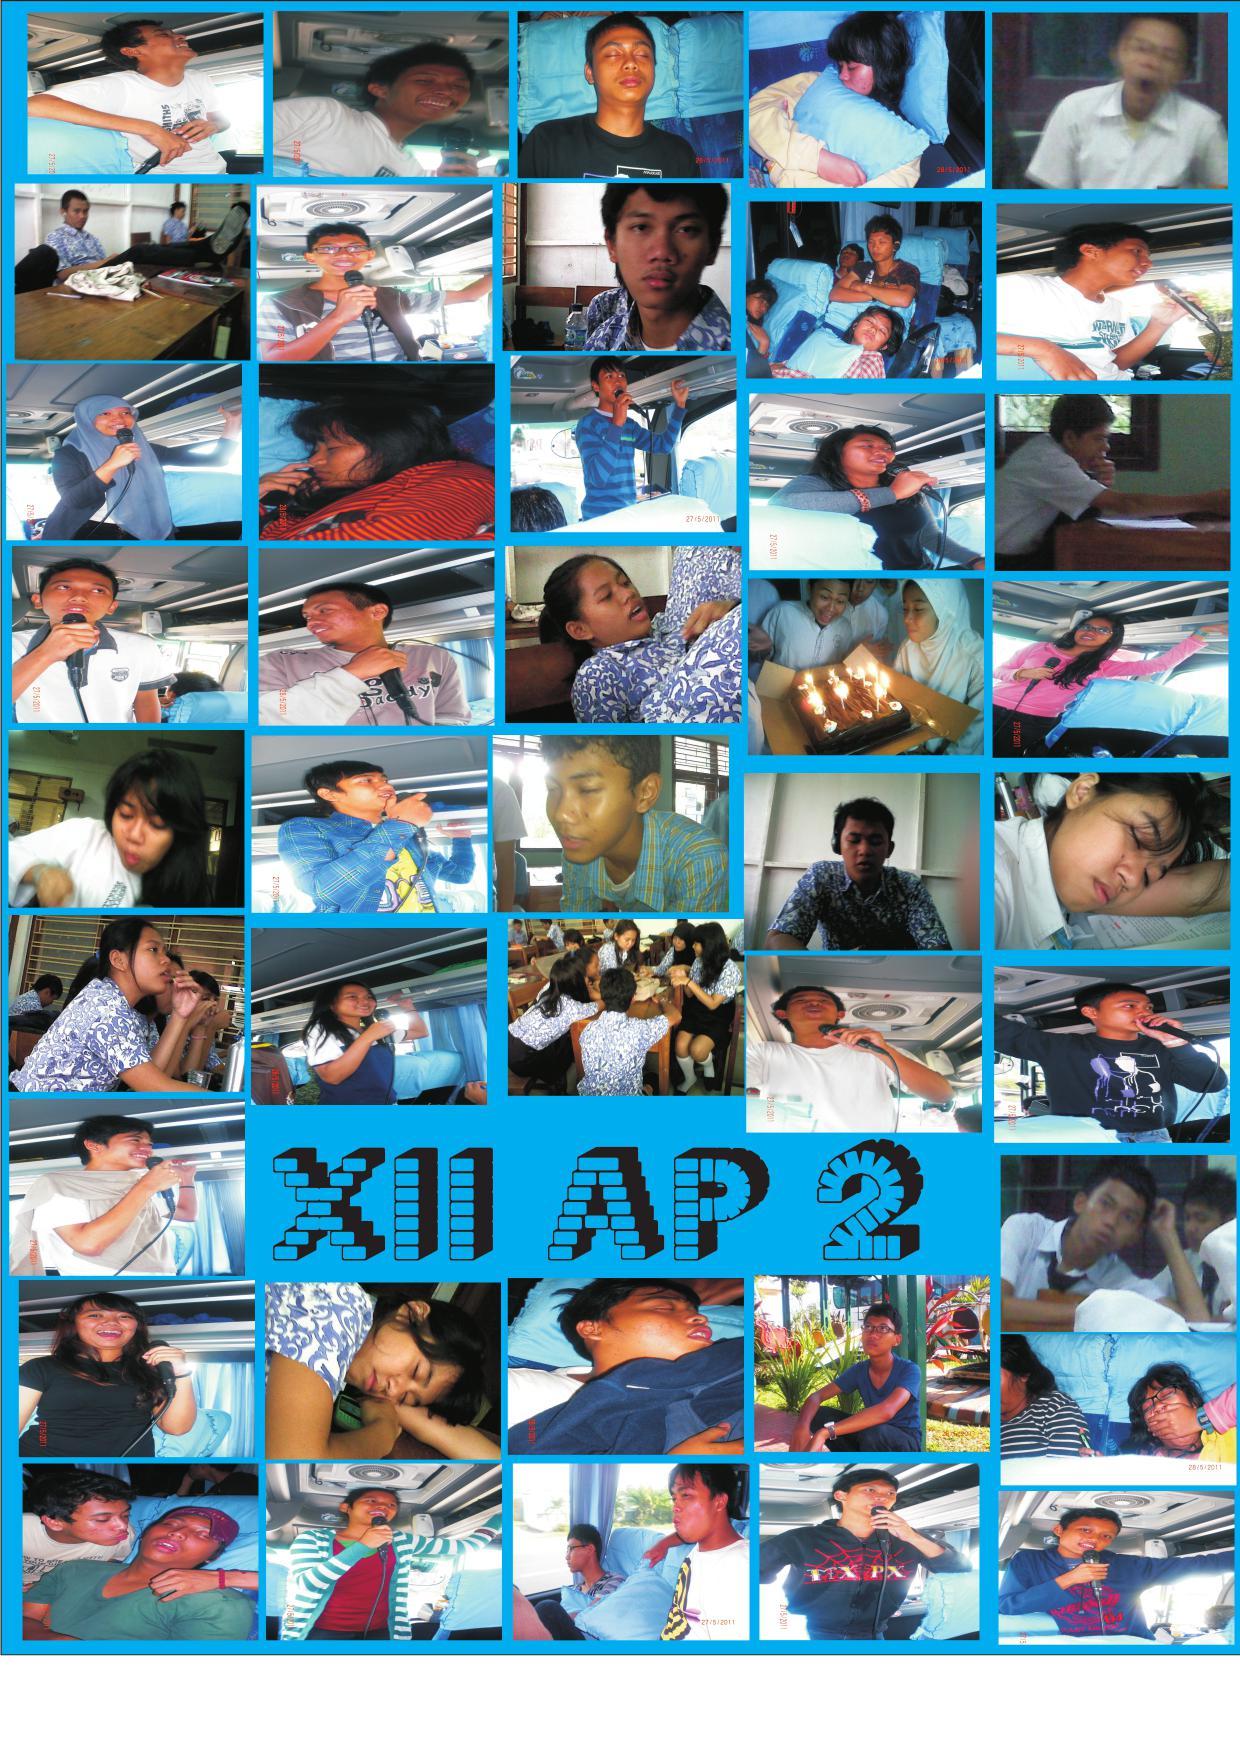 Accgb8o8 o